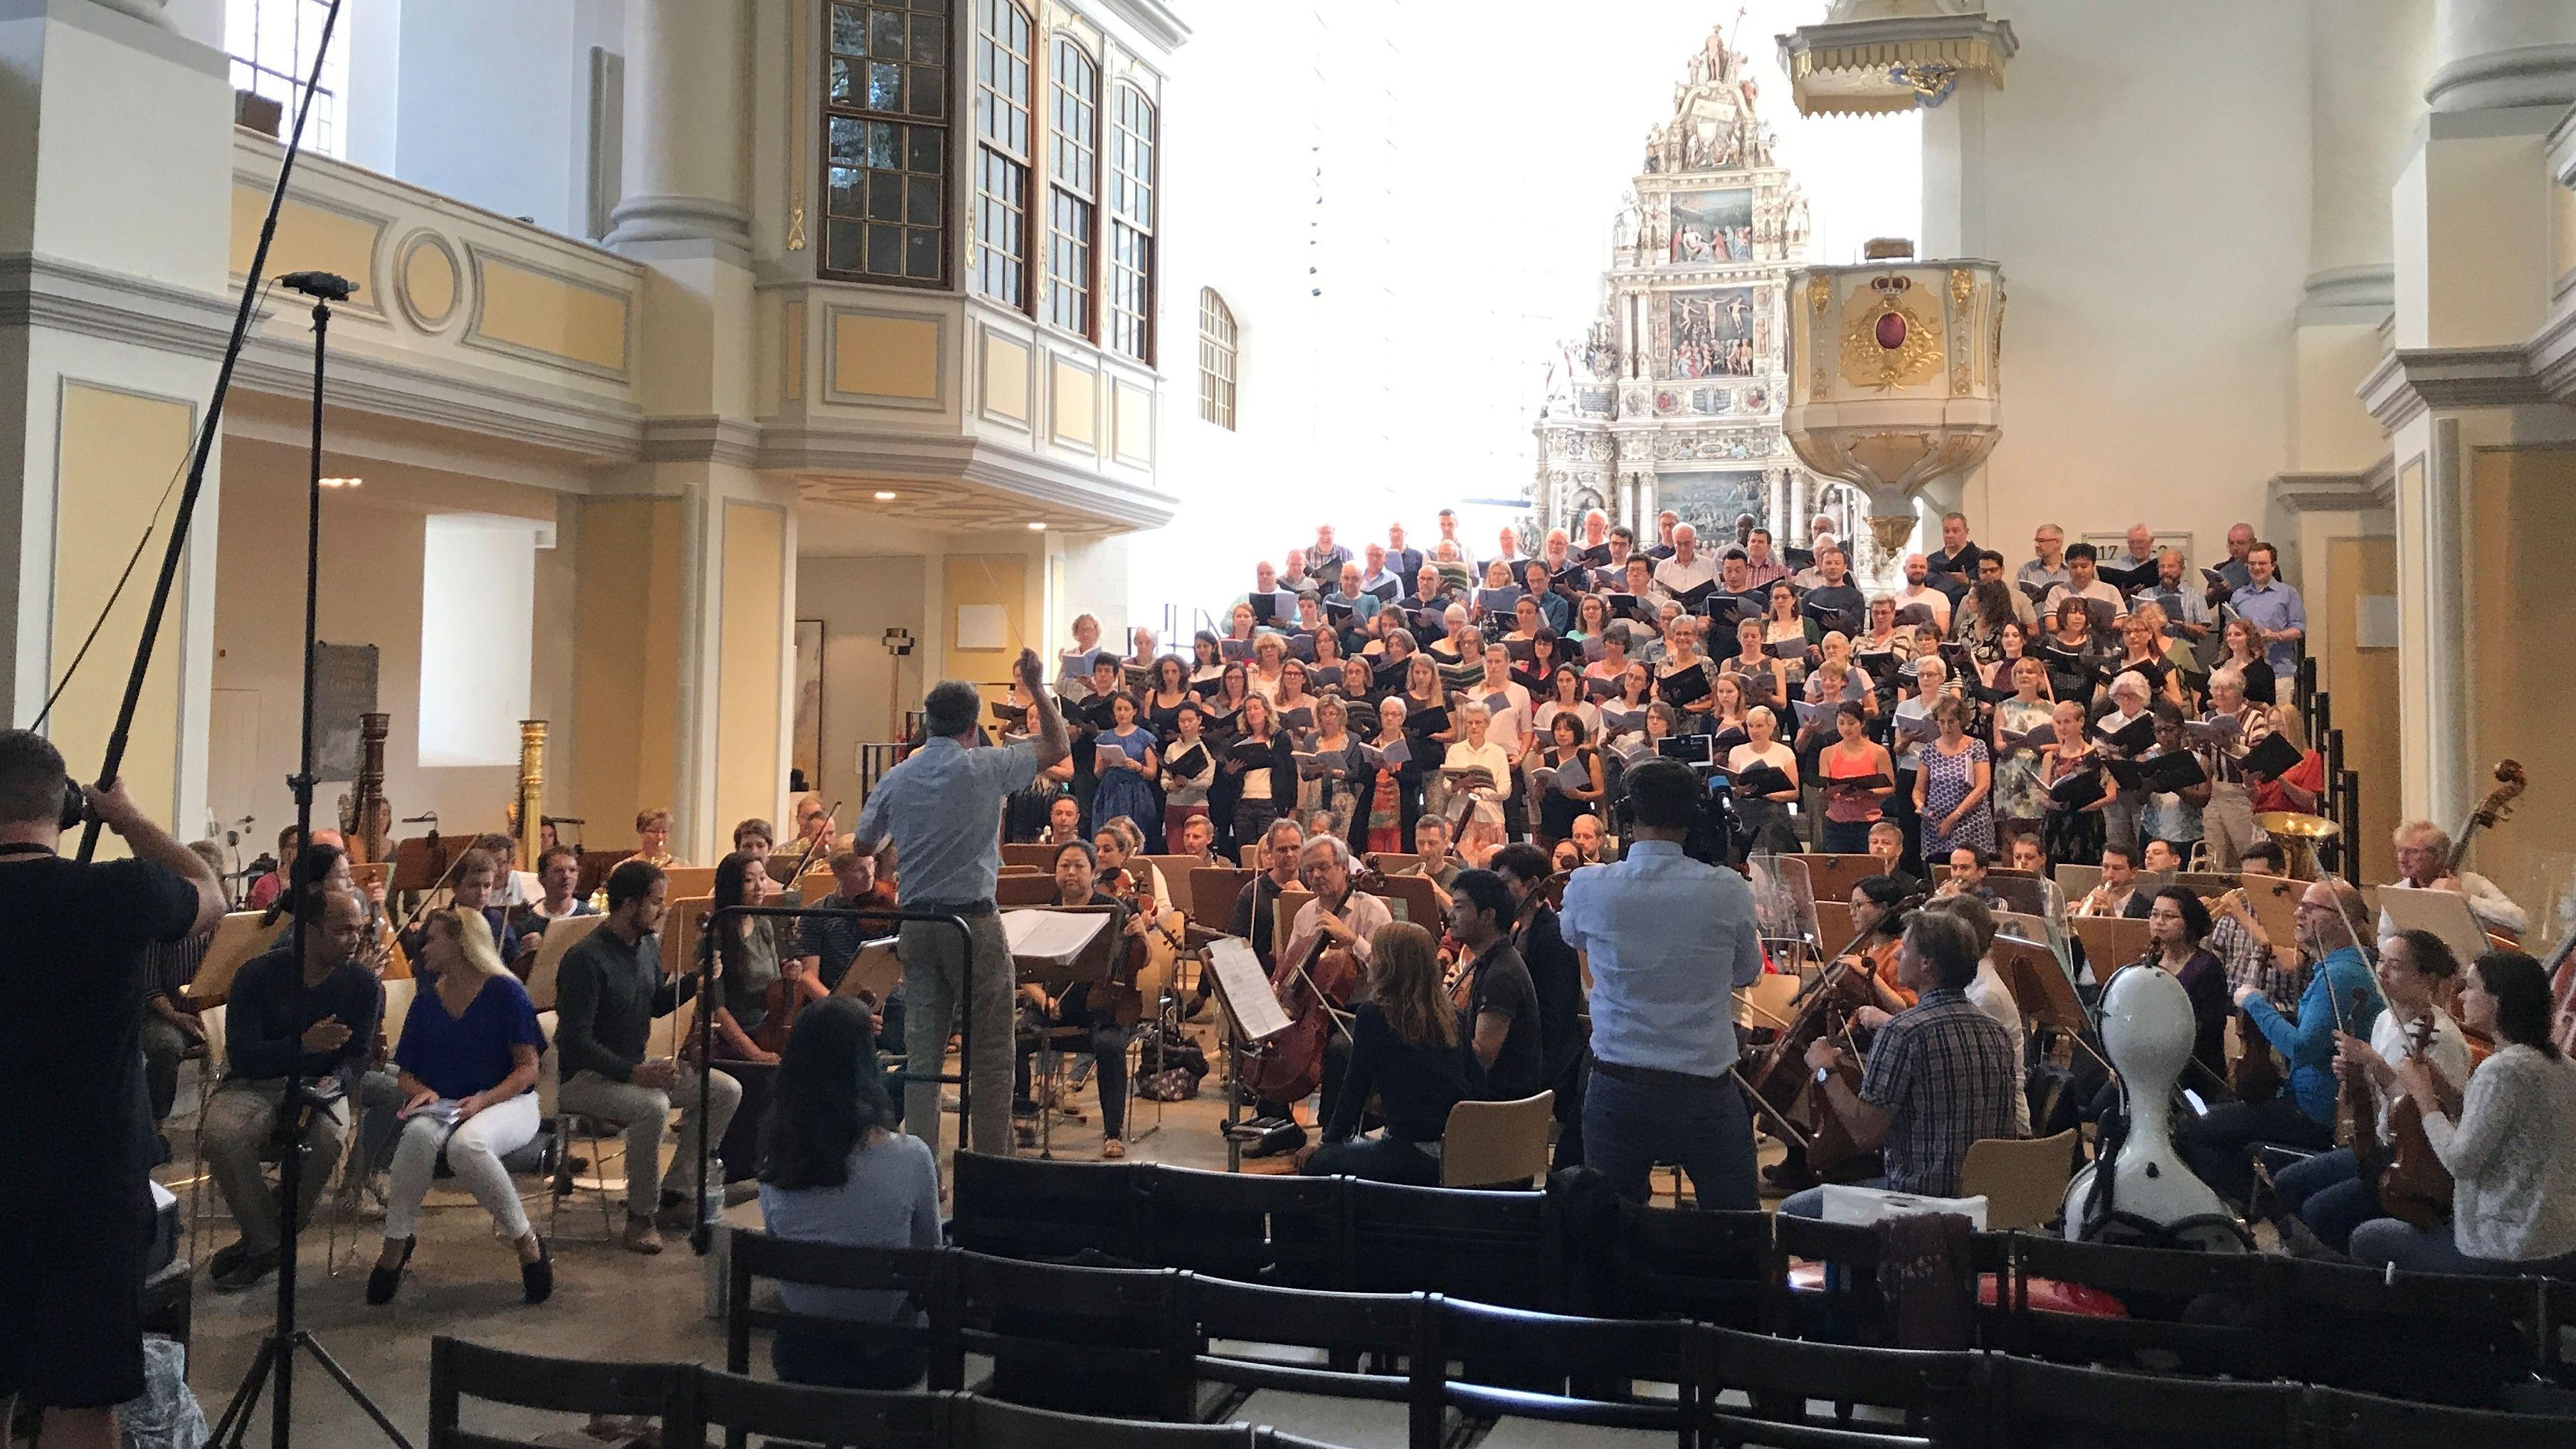 Chorprobe in einer Kirche